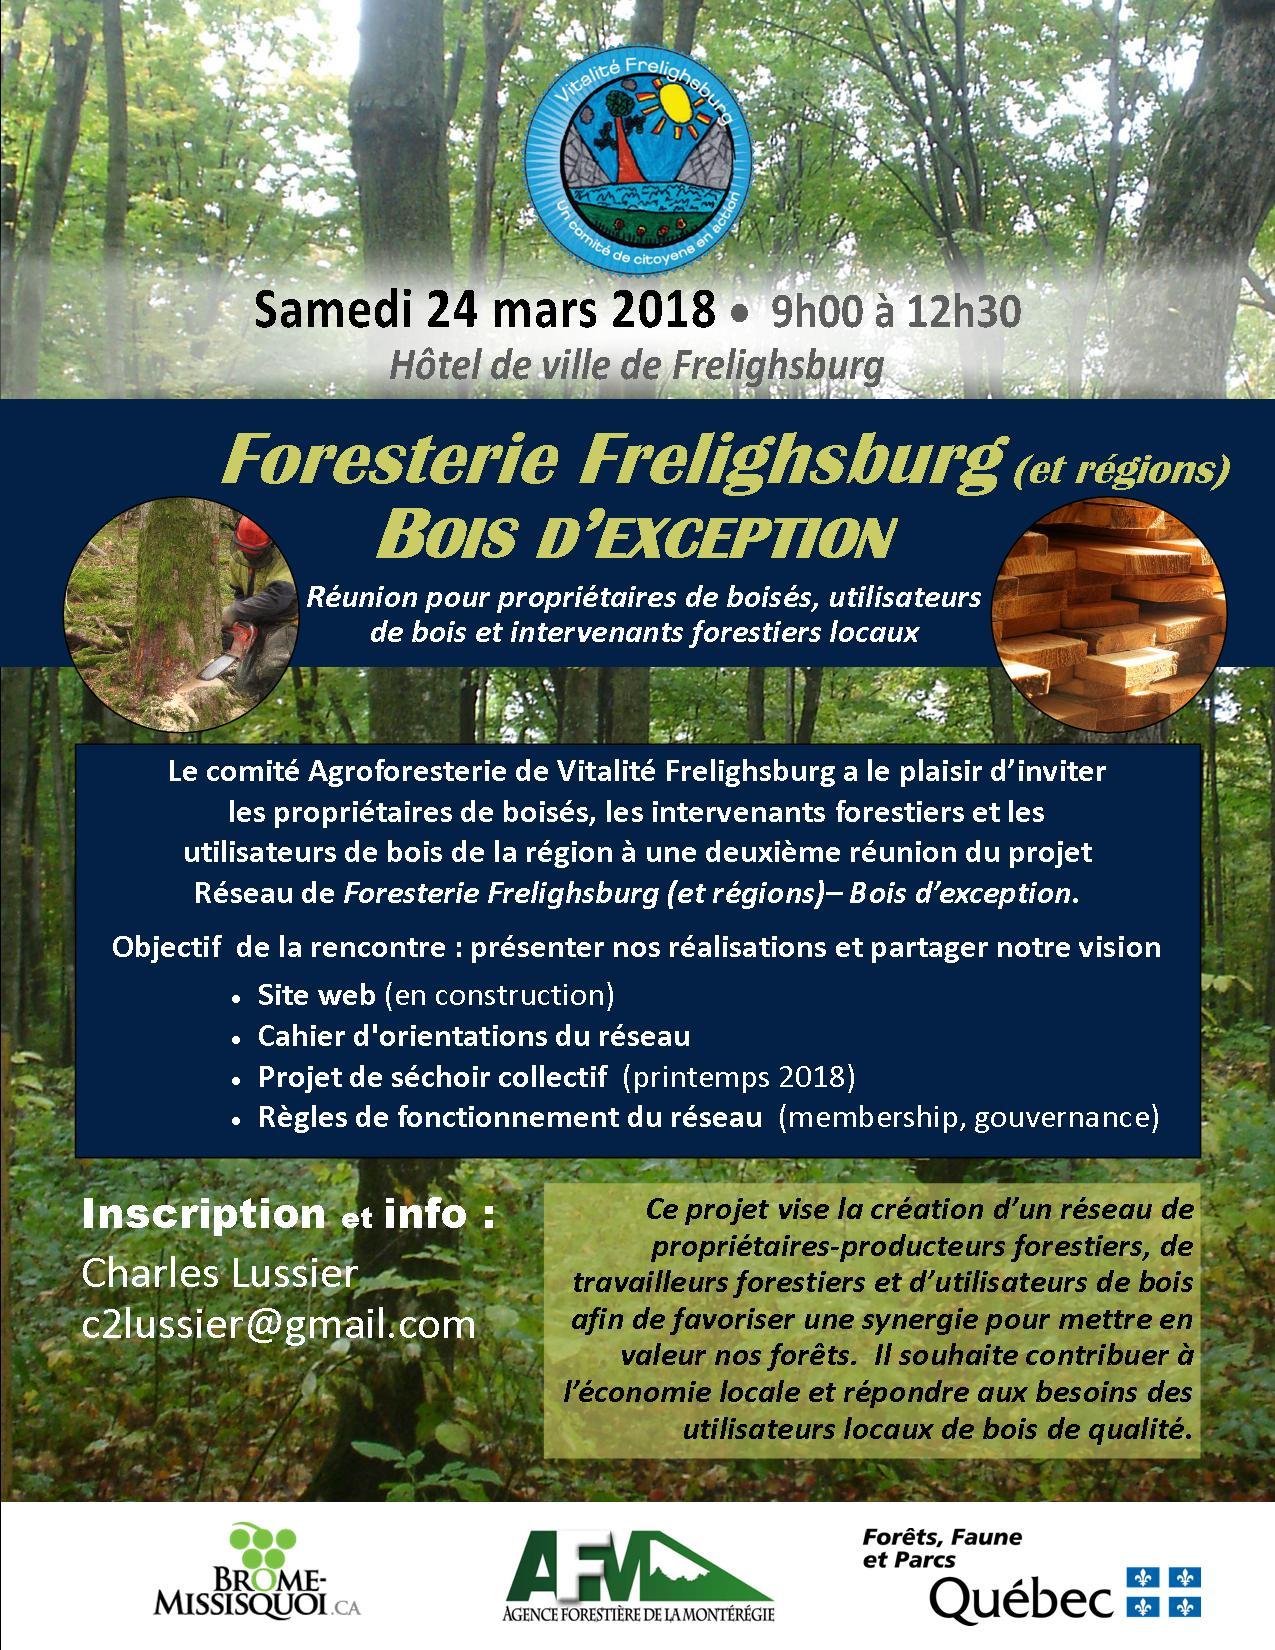 Foresterie Frelighsburg (et régions) - Bois d'exception